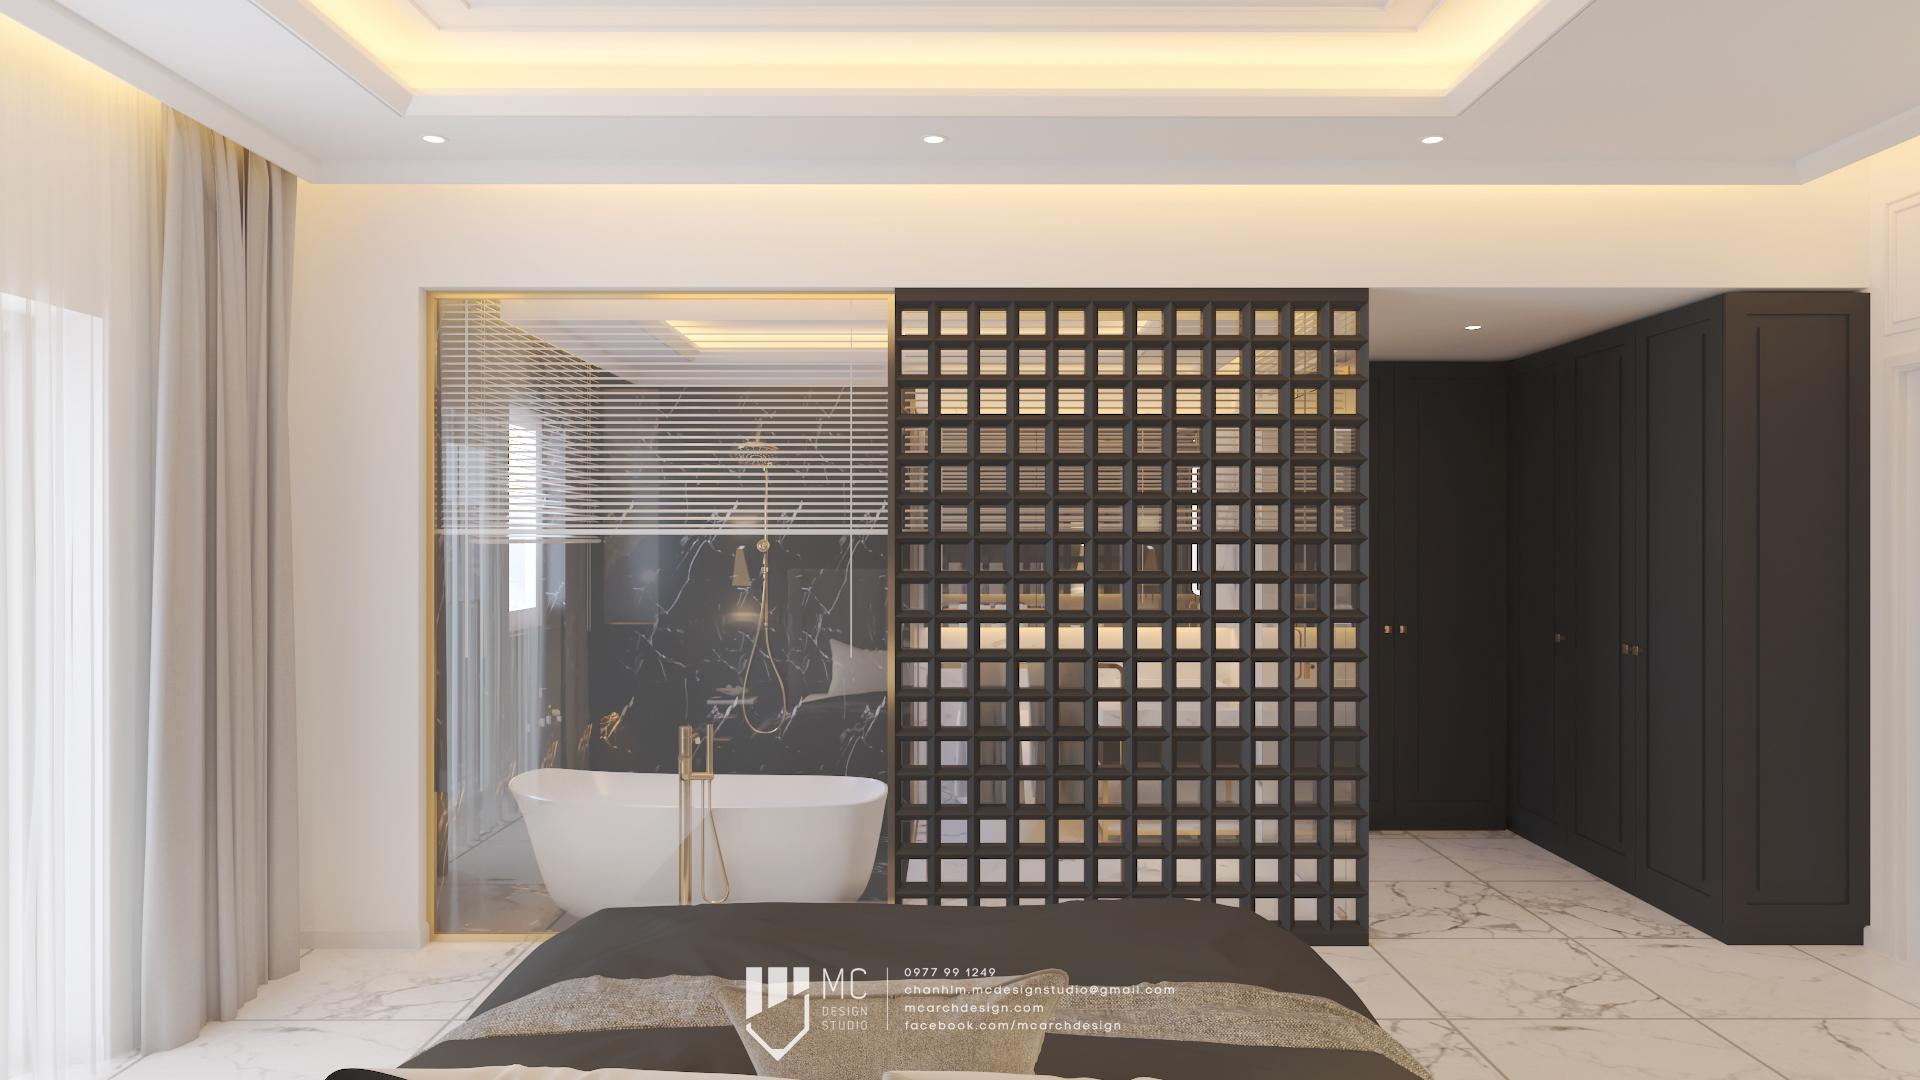 Thiết kế nội thất Nhà Mặt Phố tại Hồ Chí Minh Rosita Q9 1590741785 3